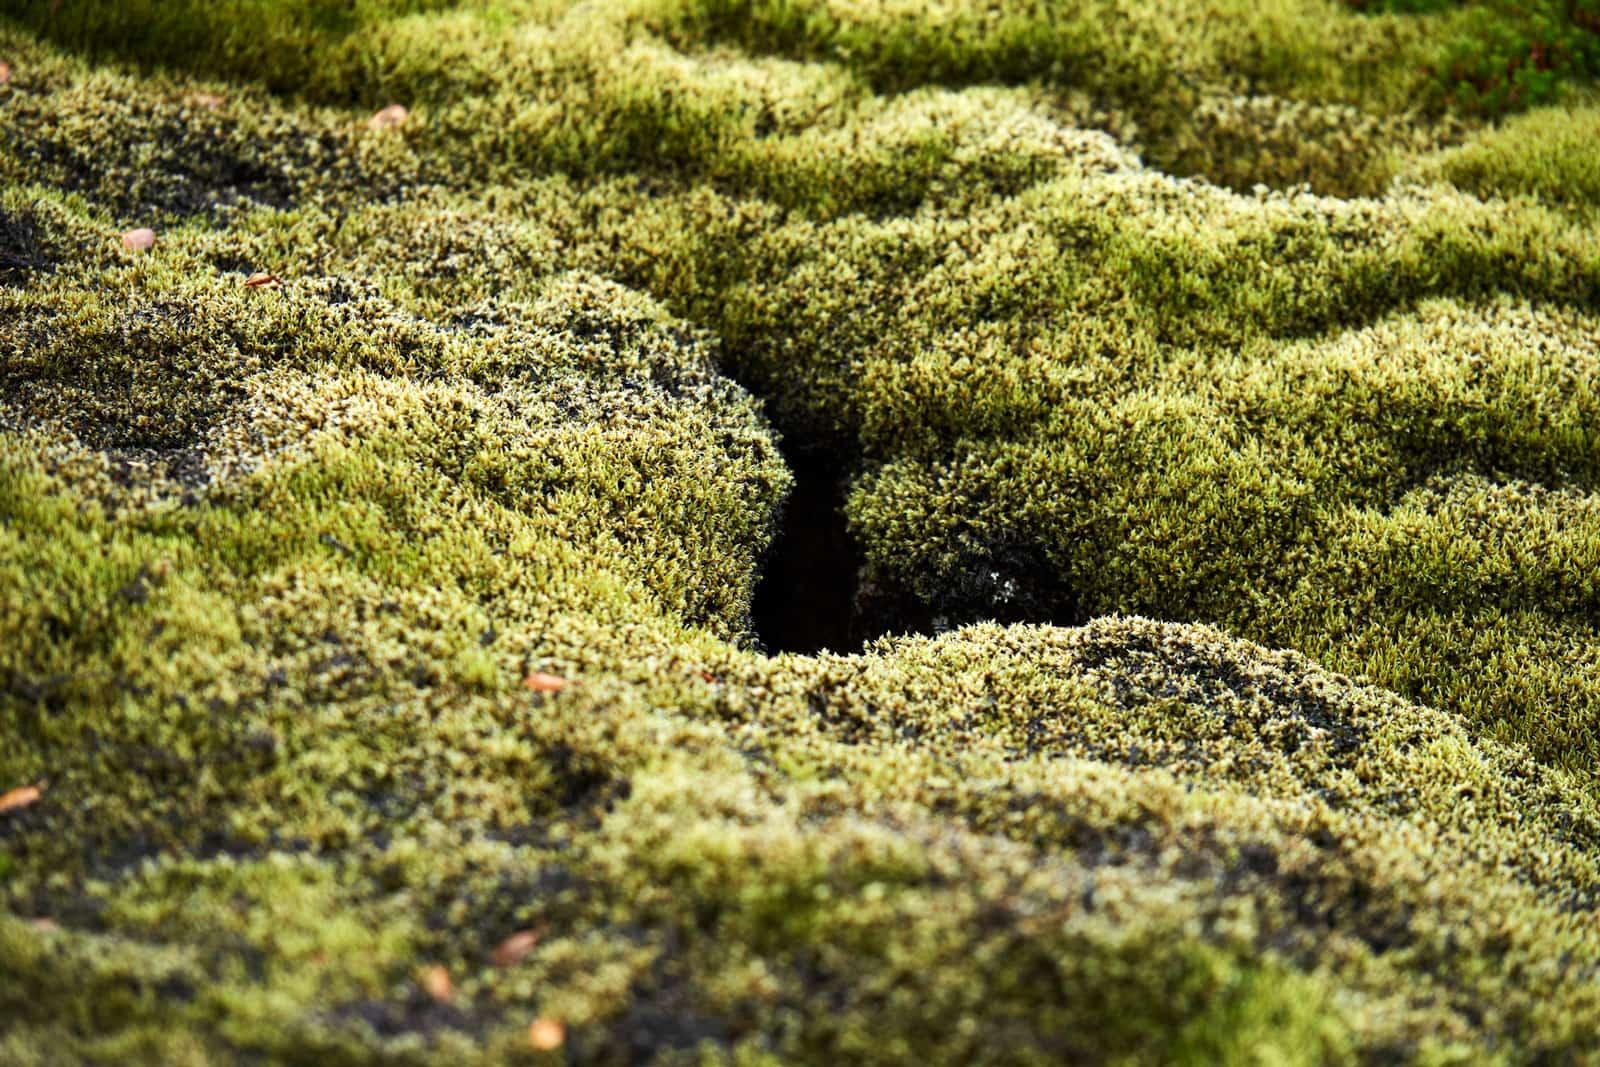 grün zugewachsene Erdspalte